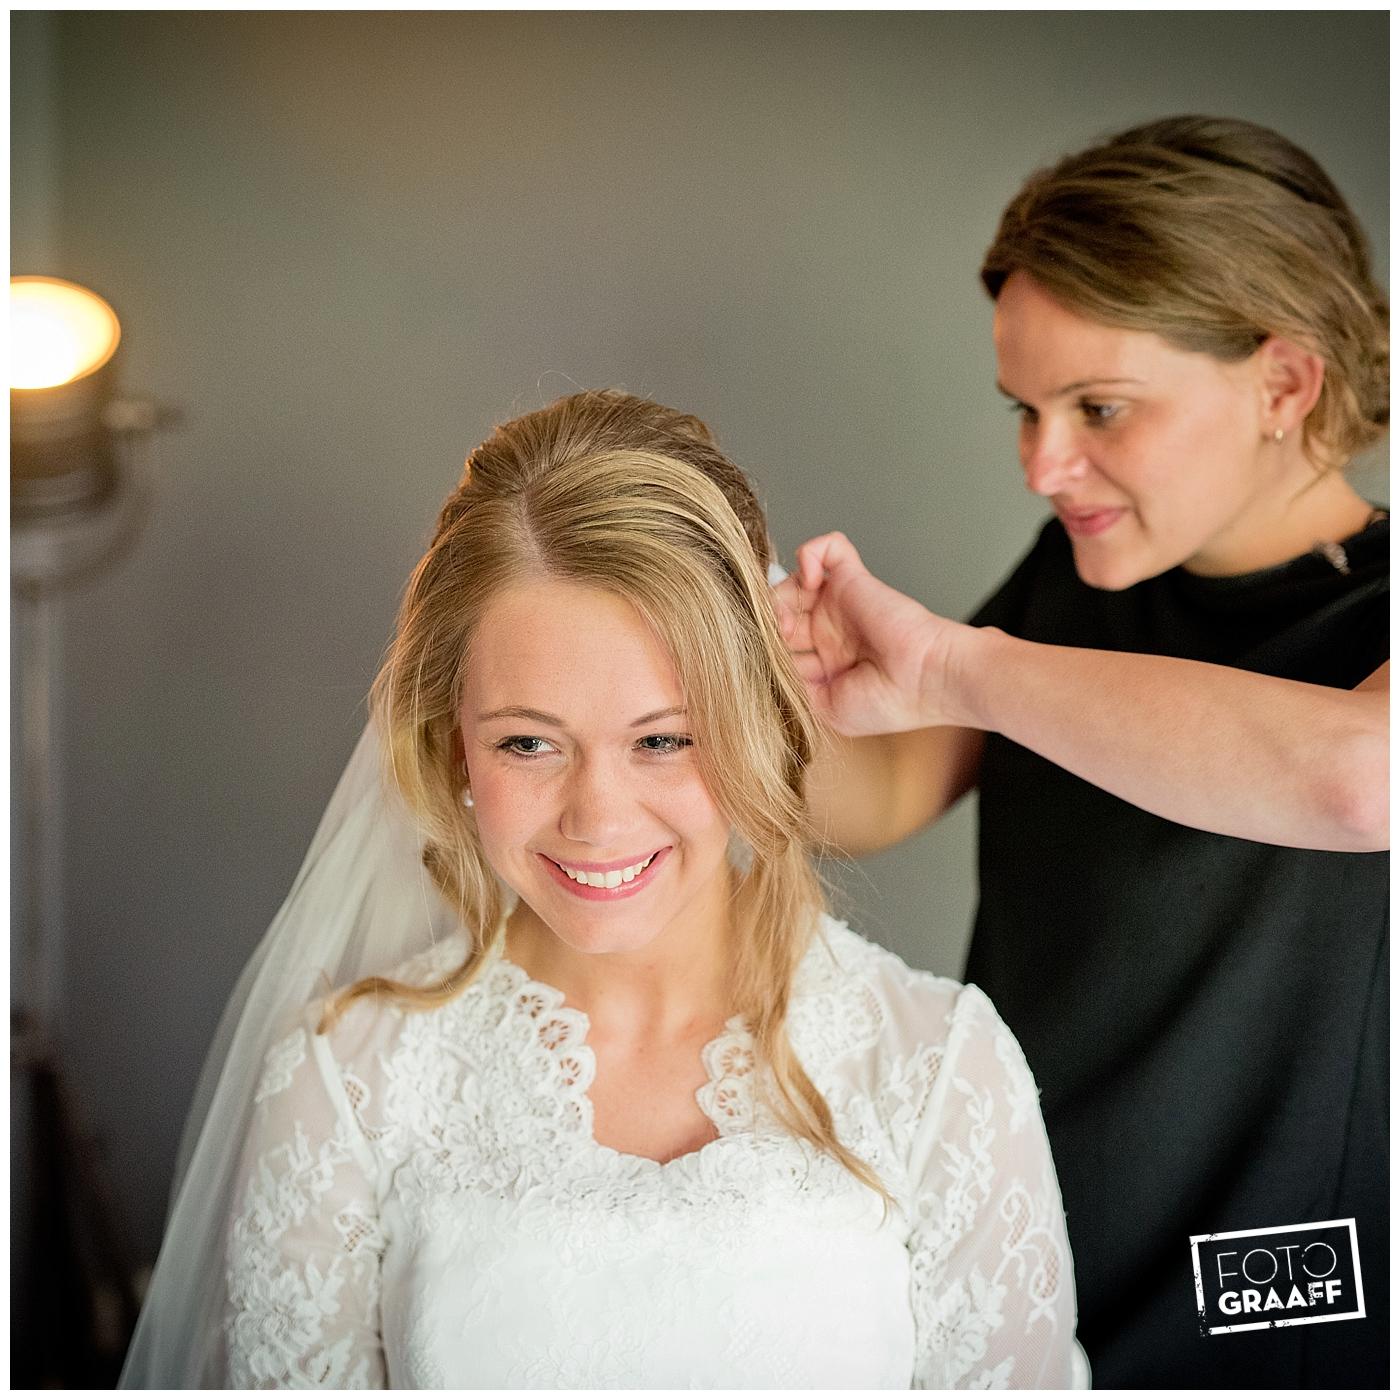 bruidsfotografie dordrecht Jaco & Marjolein_0168